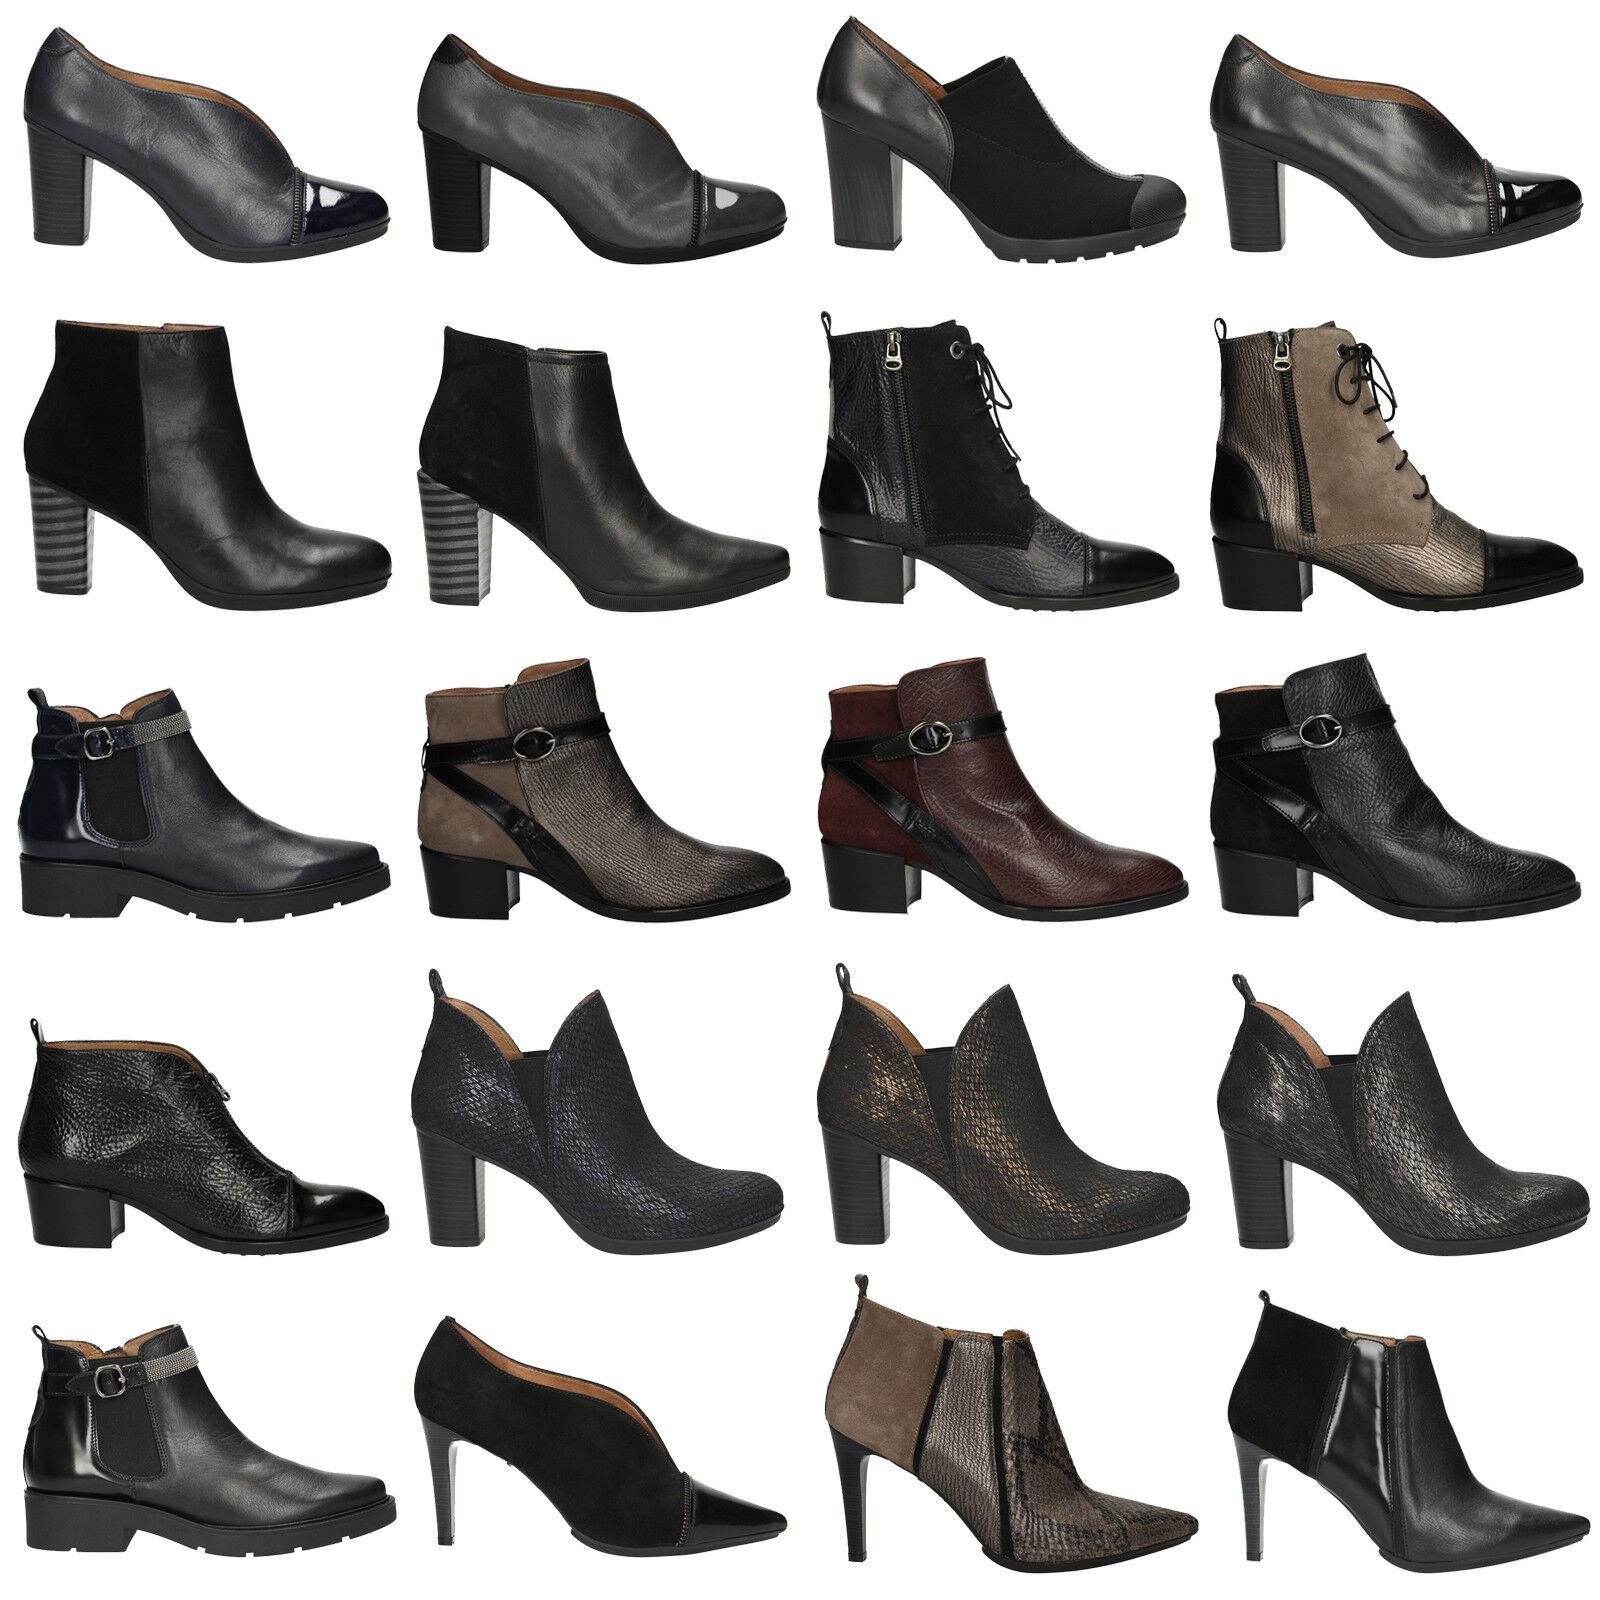 Hispanitas zapatos señora botines de cuero invierno elegante cremallera